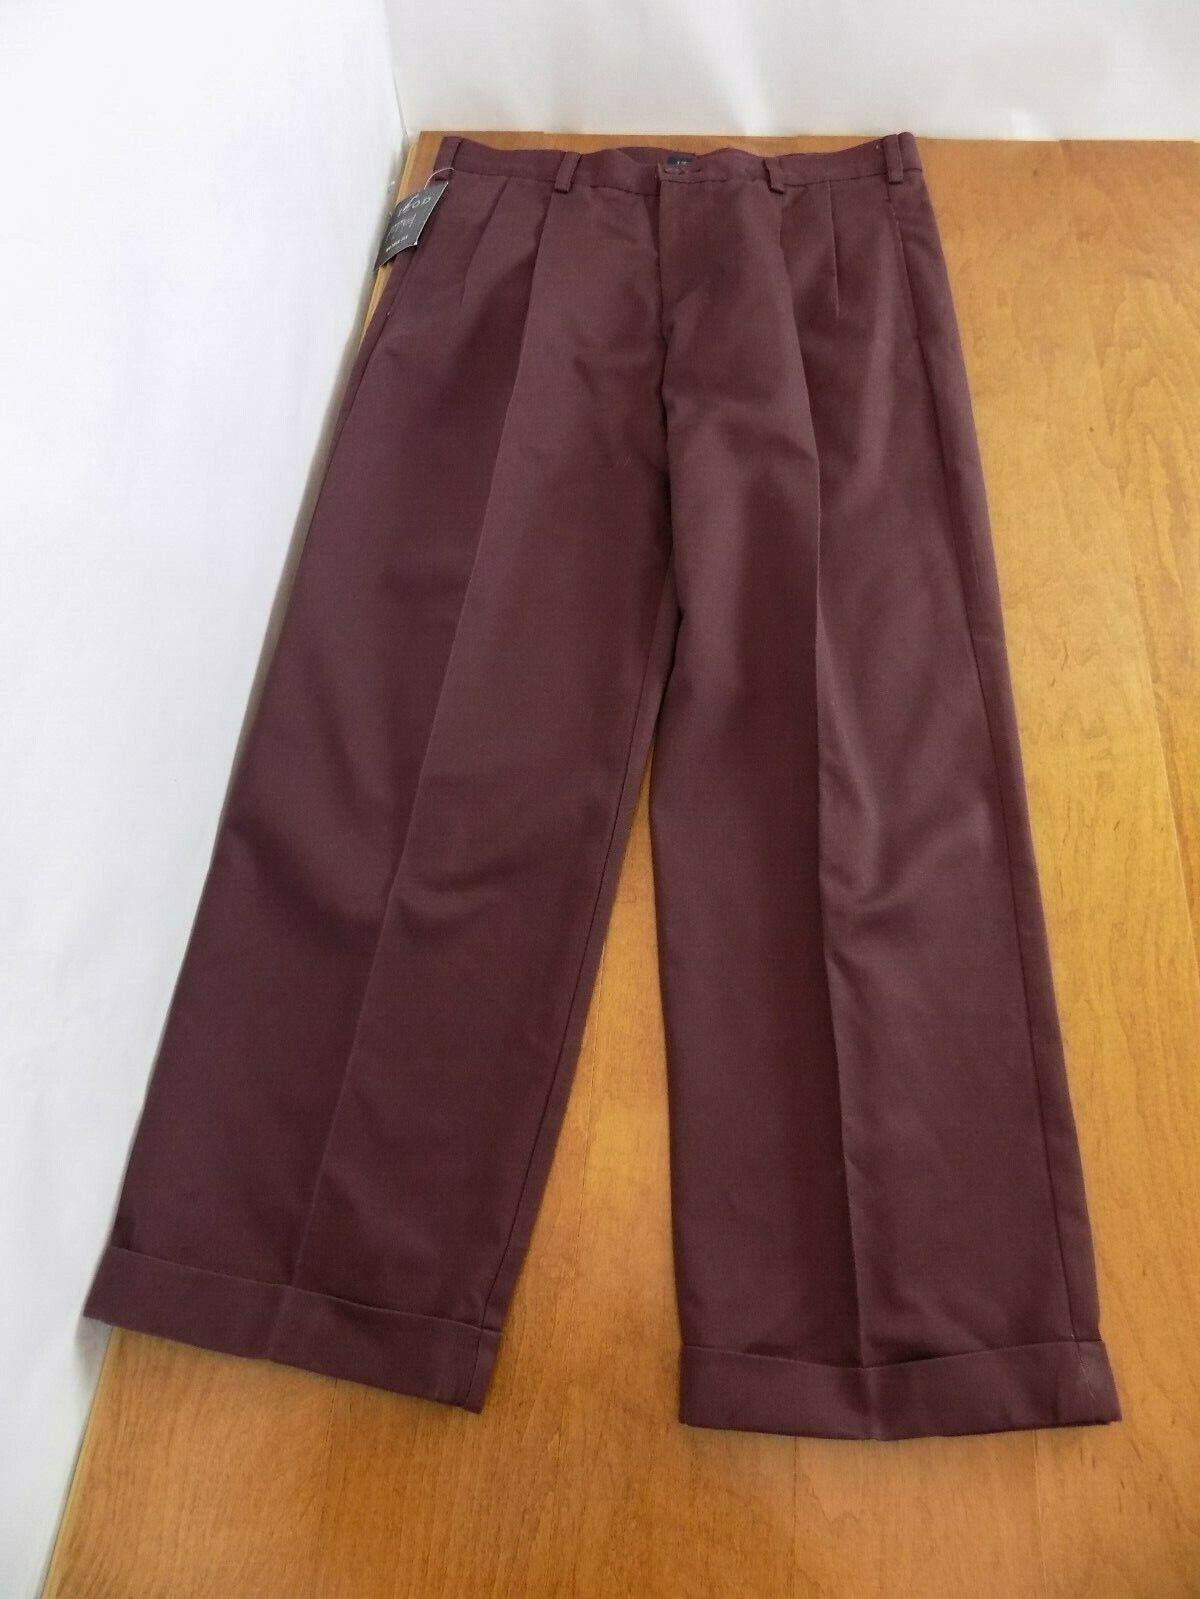 NEW IZOD Mens American Chino Pants Sz W 36 X L 30 Wine Slack